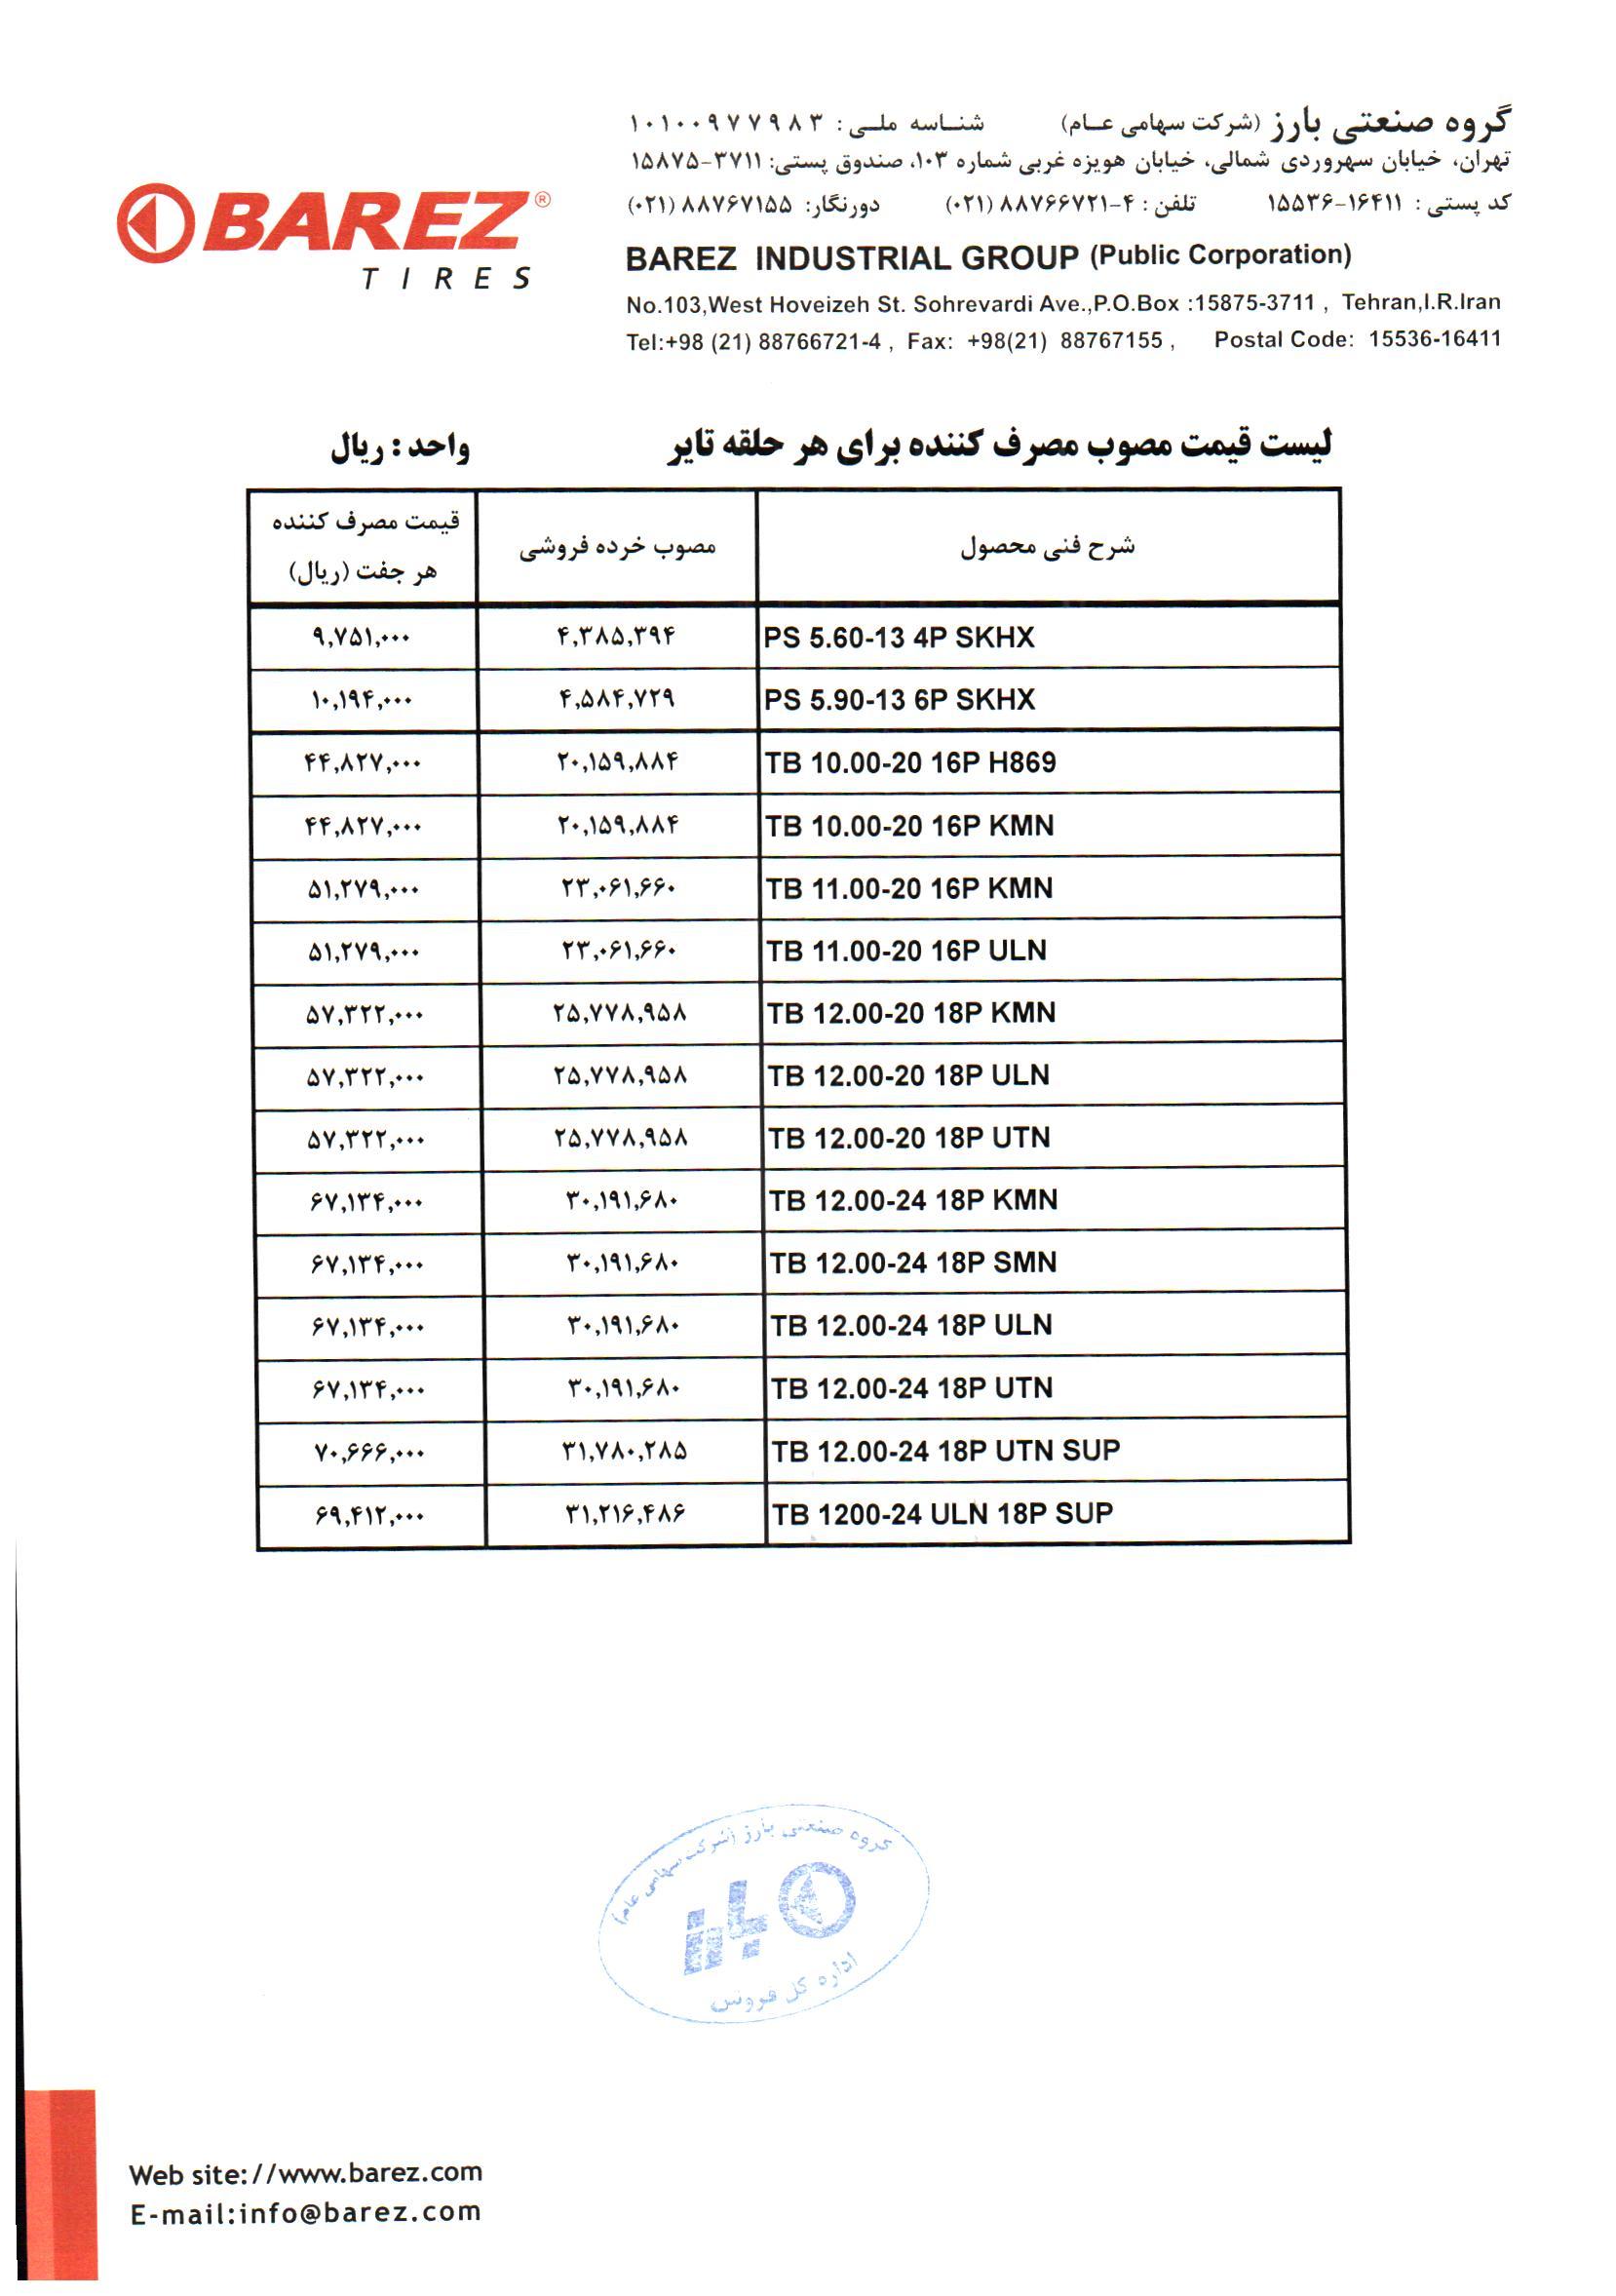 قیمت لاستیک دولتی لیست قیمت لاستیک بارز در آذر ماه 99 - 3